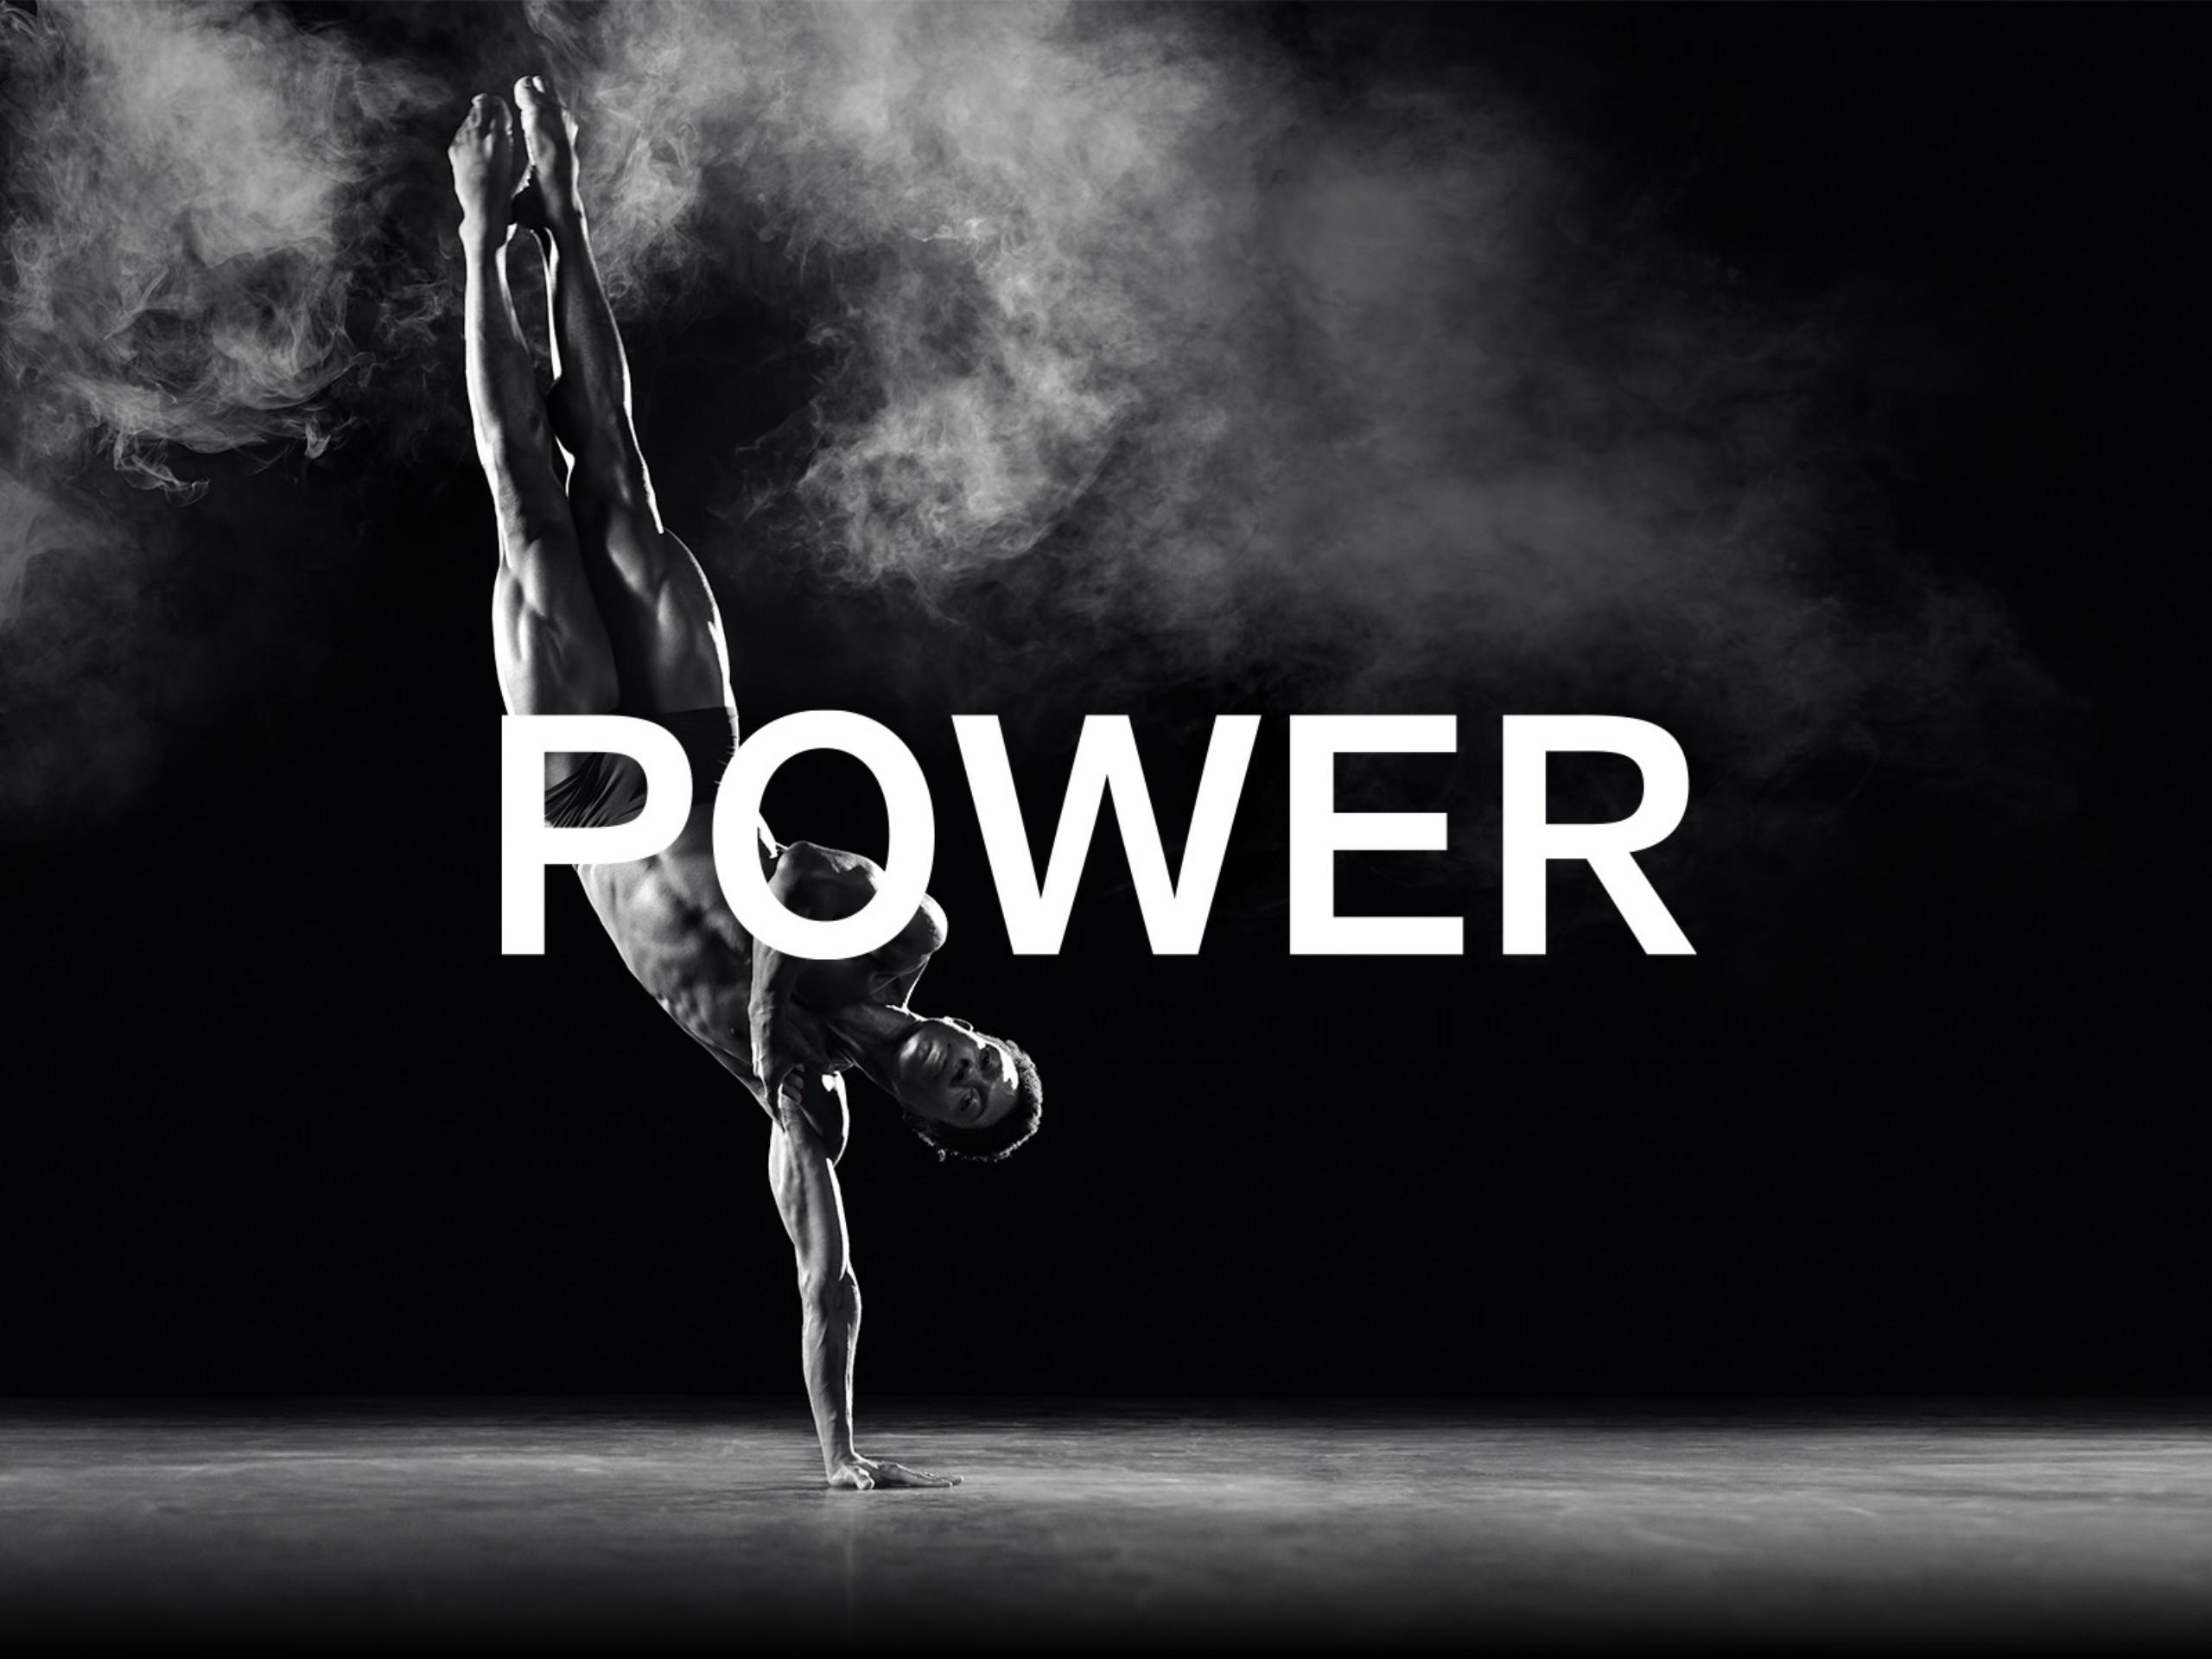 De krachtige fotografie bij dit campagneconcept werd opgebouwd rond de drie krachttermen van hun nieuwe brand story: power, silence en connect